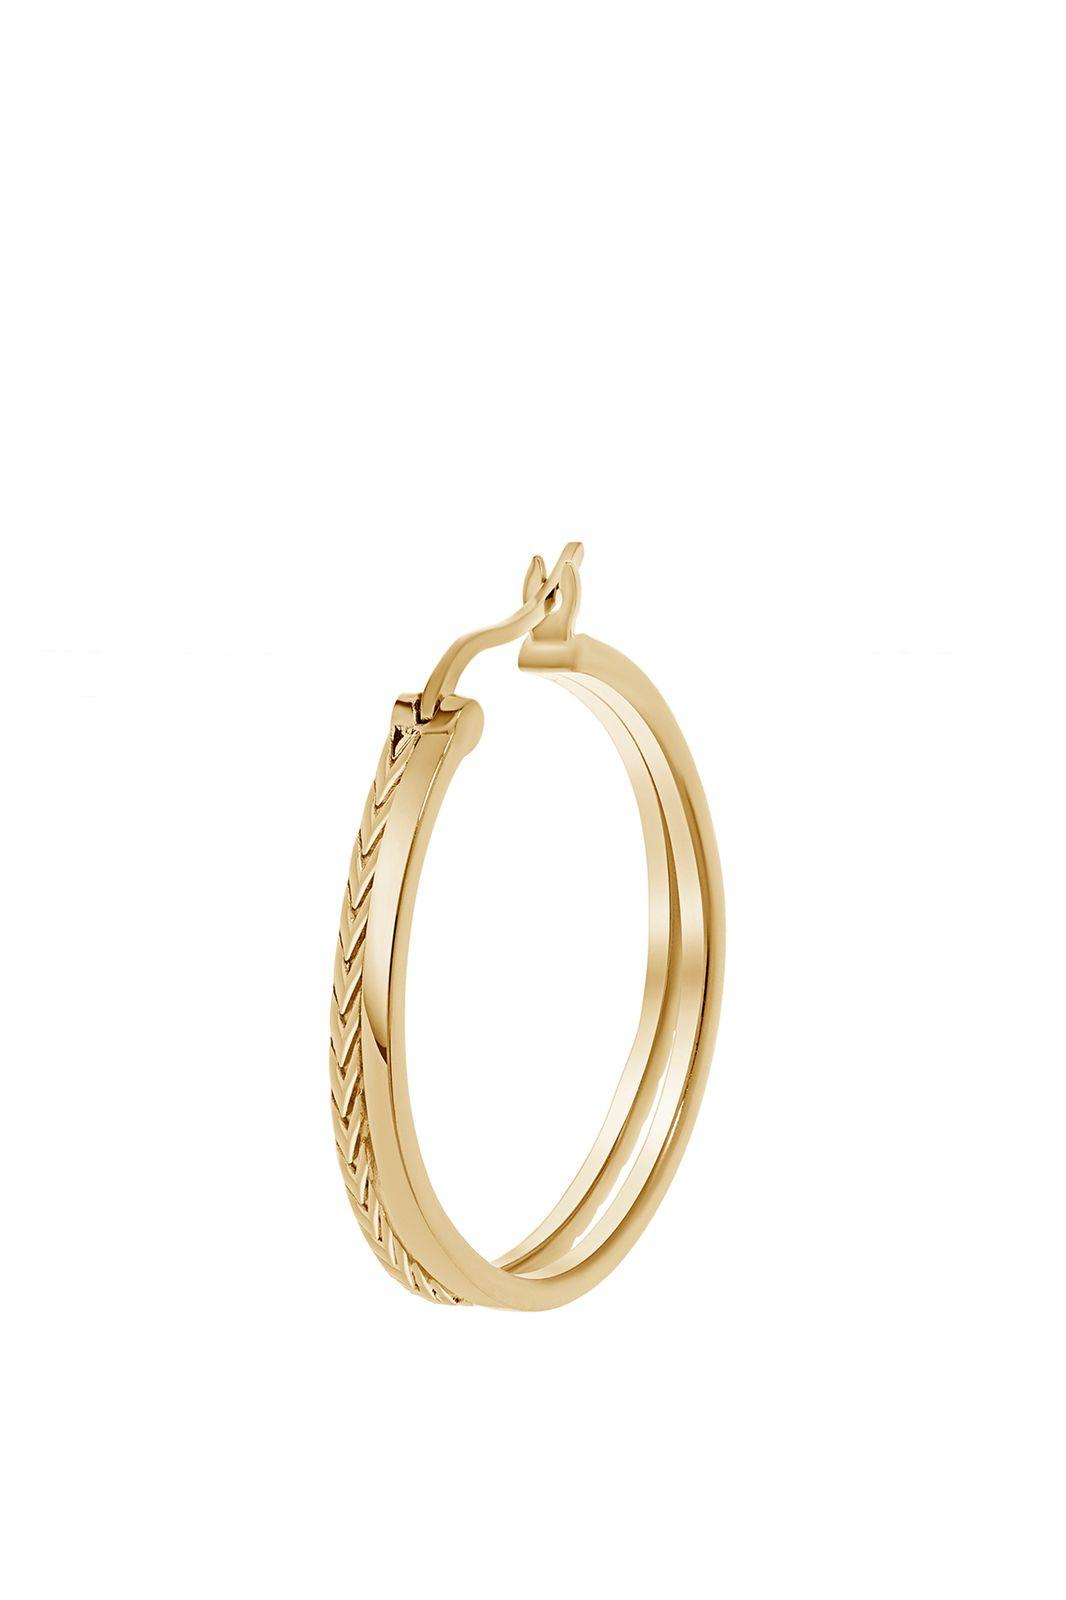 A Brend goldplated hoop oorbel Noes - Dames   Sissy-Boy